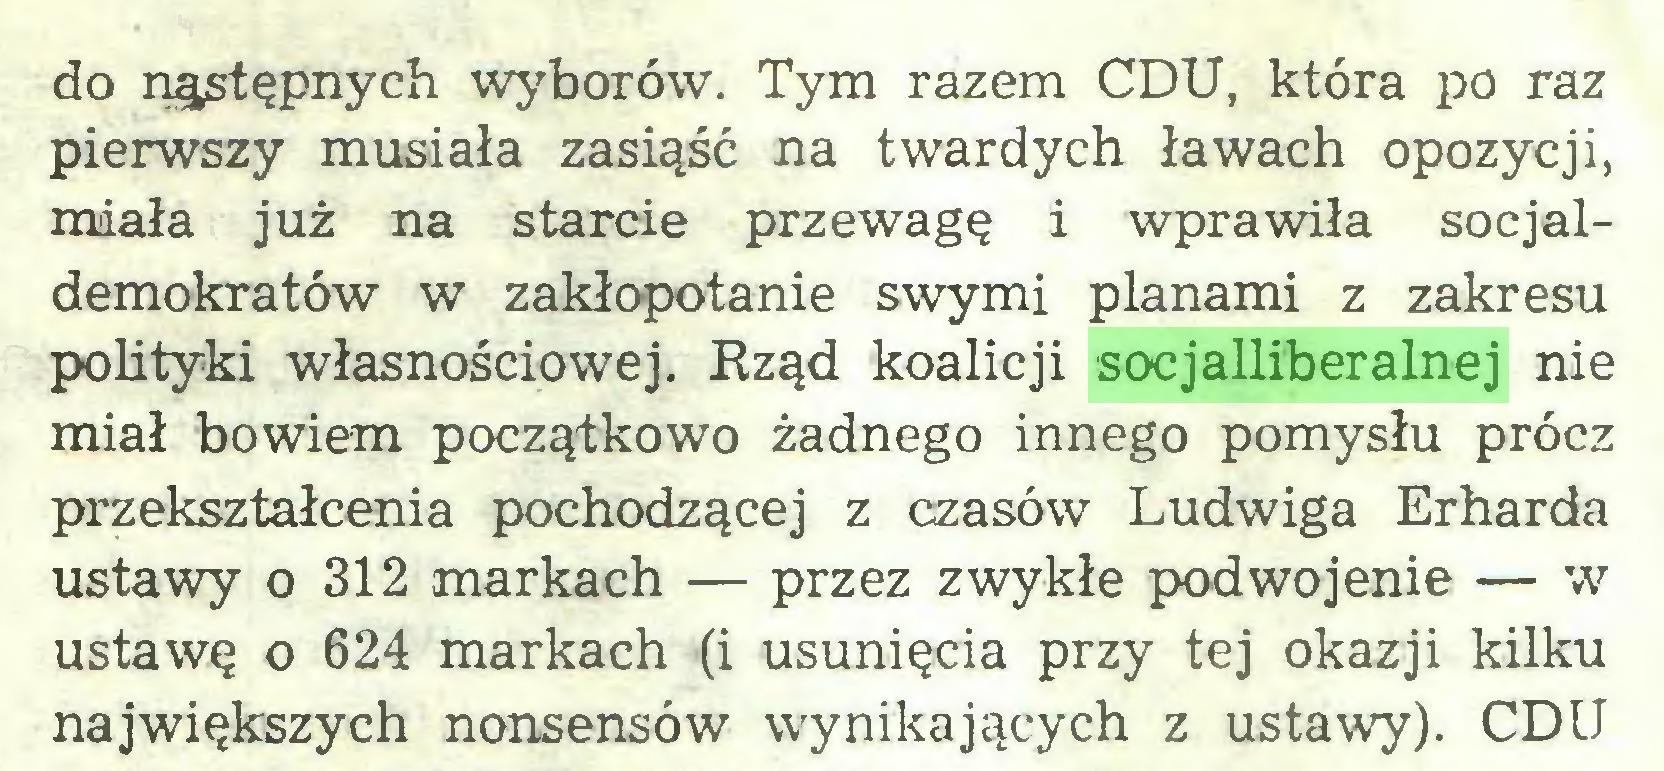 (...) do nąstępnych wyborów. Tym razem CDU, która £>o raz pierwszy musiała zasiąść na twardych ławach opozycji, miała już na starcie przewagę i wprawiła socjaldemokratów w zakłopotanie swymi planami z zakresu polityki własnościowej. Rząd koalicji socjalliberalnej nie miał bowiem początkowo żadnego innego pomysłu prócz przekształcenia pochodzącej z czasów Ludwiga Erharda ustawy o 312 markach — przez zwykłe podwojenie — w ustawę o 624 markach (i usunięcia przy tej okazji kilku największych nonsensów wynikających z ustawy). CDU...